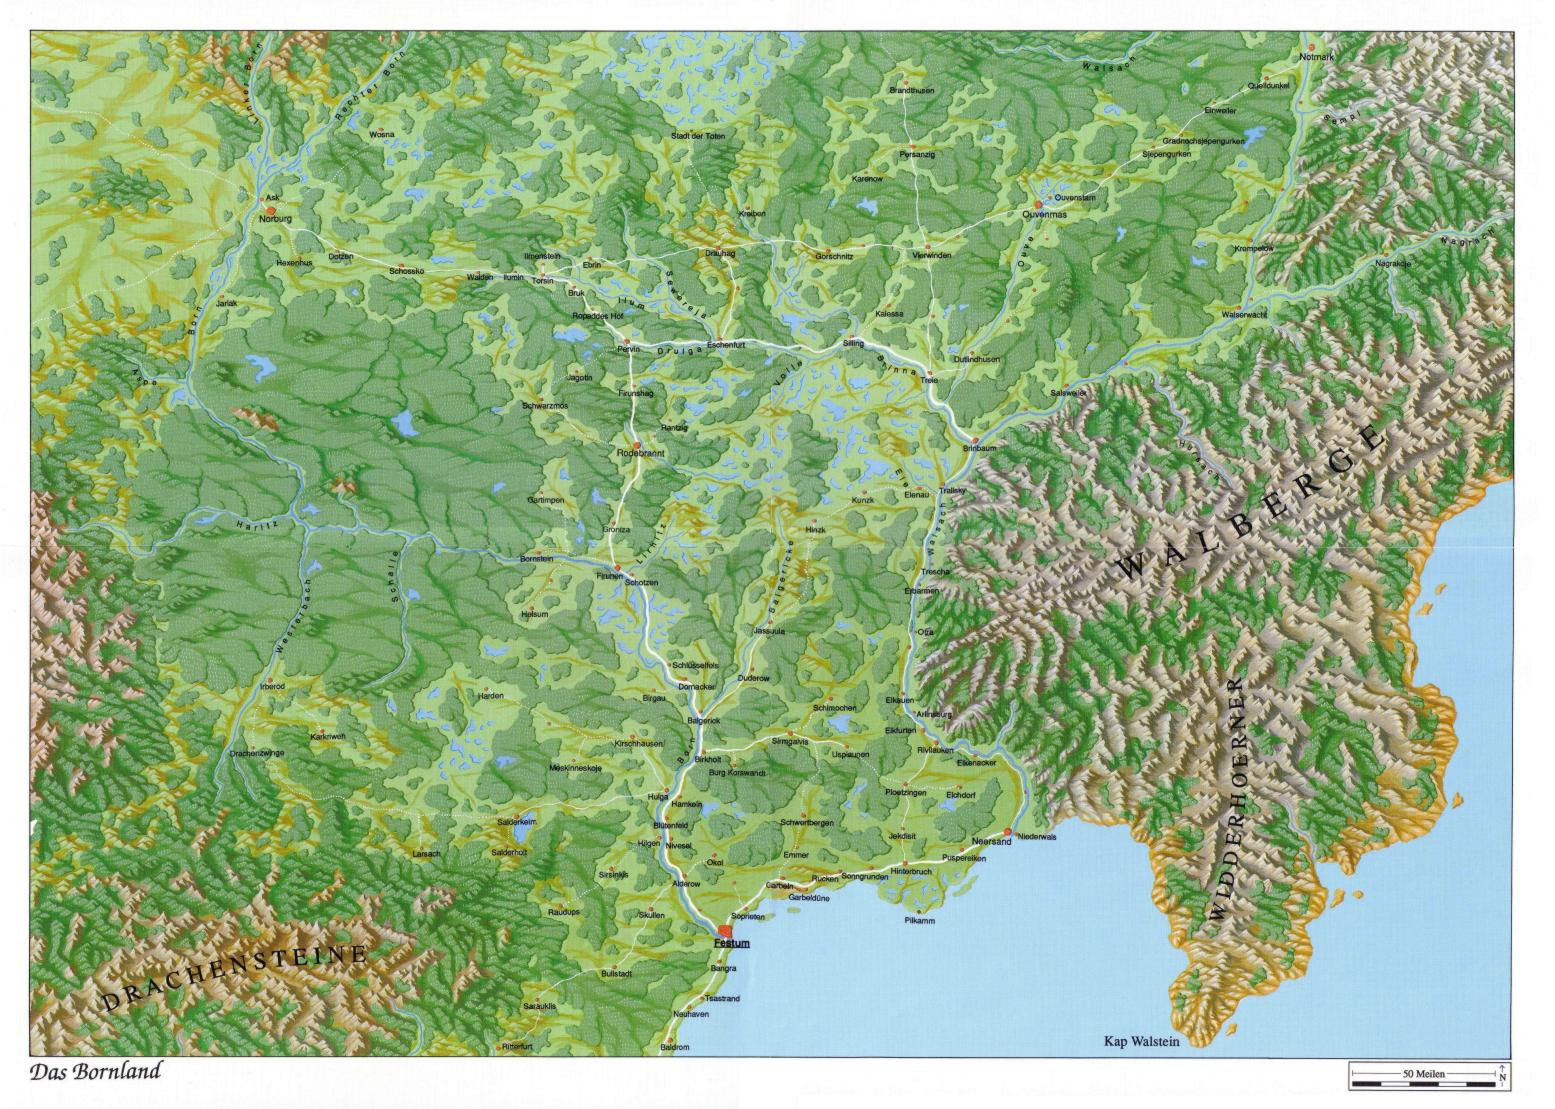 Dsa Karte Bornland.Bornland Karte Karte